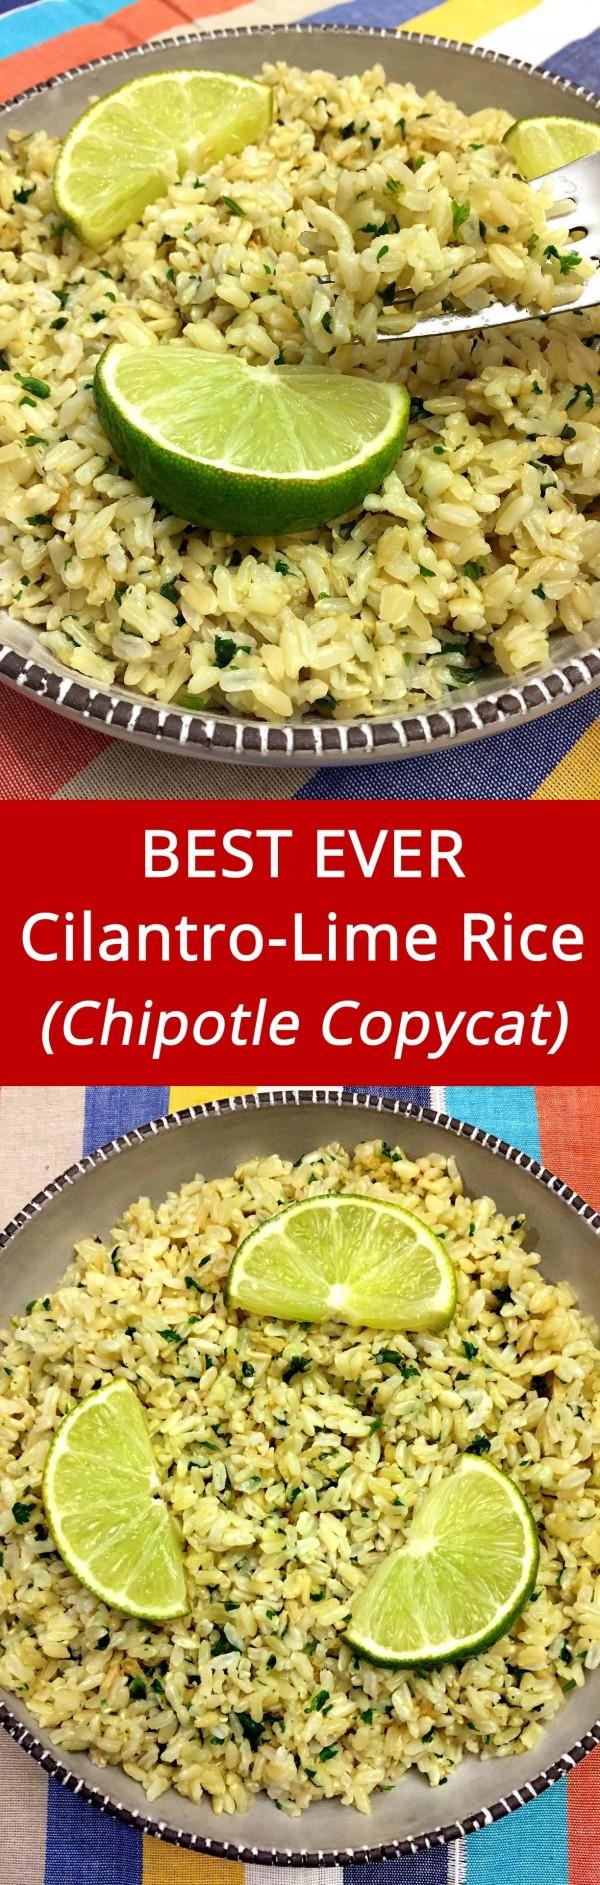 Get the recipe Cilantro-Lime Rice @recipes_to_go